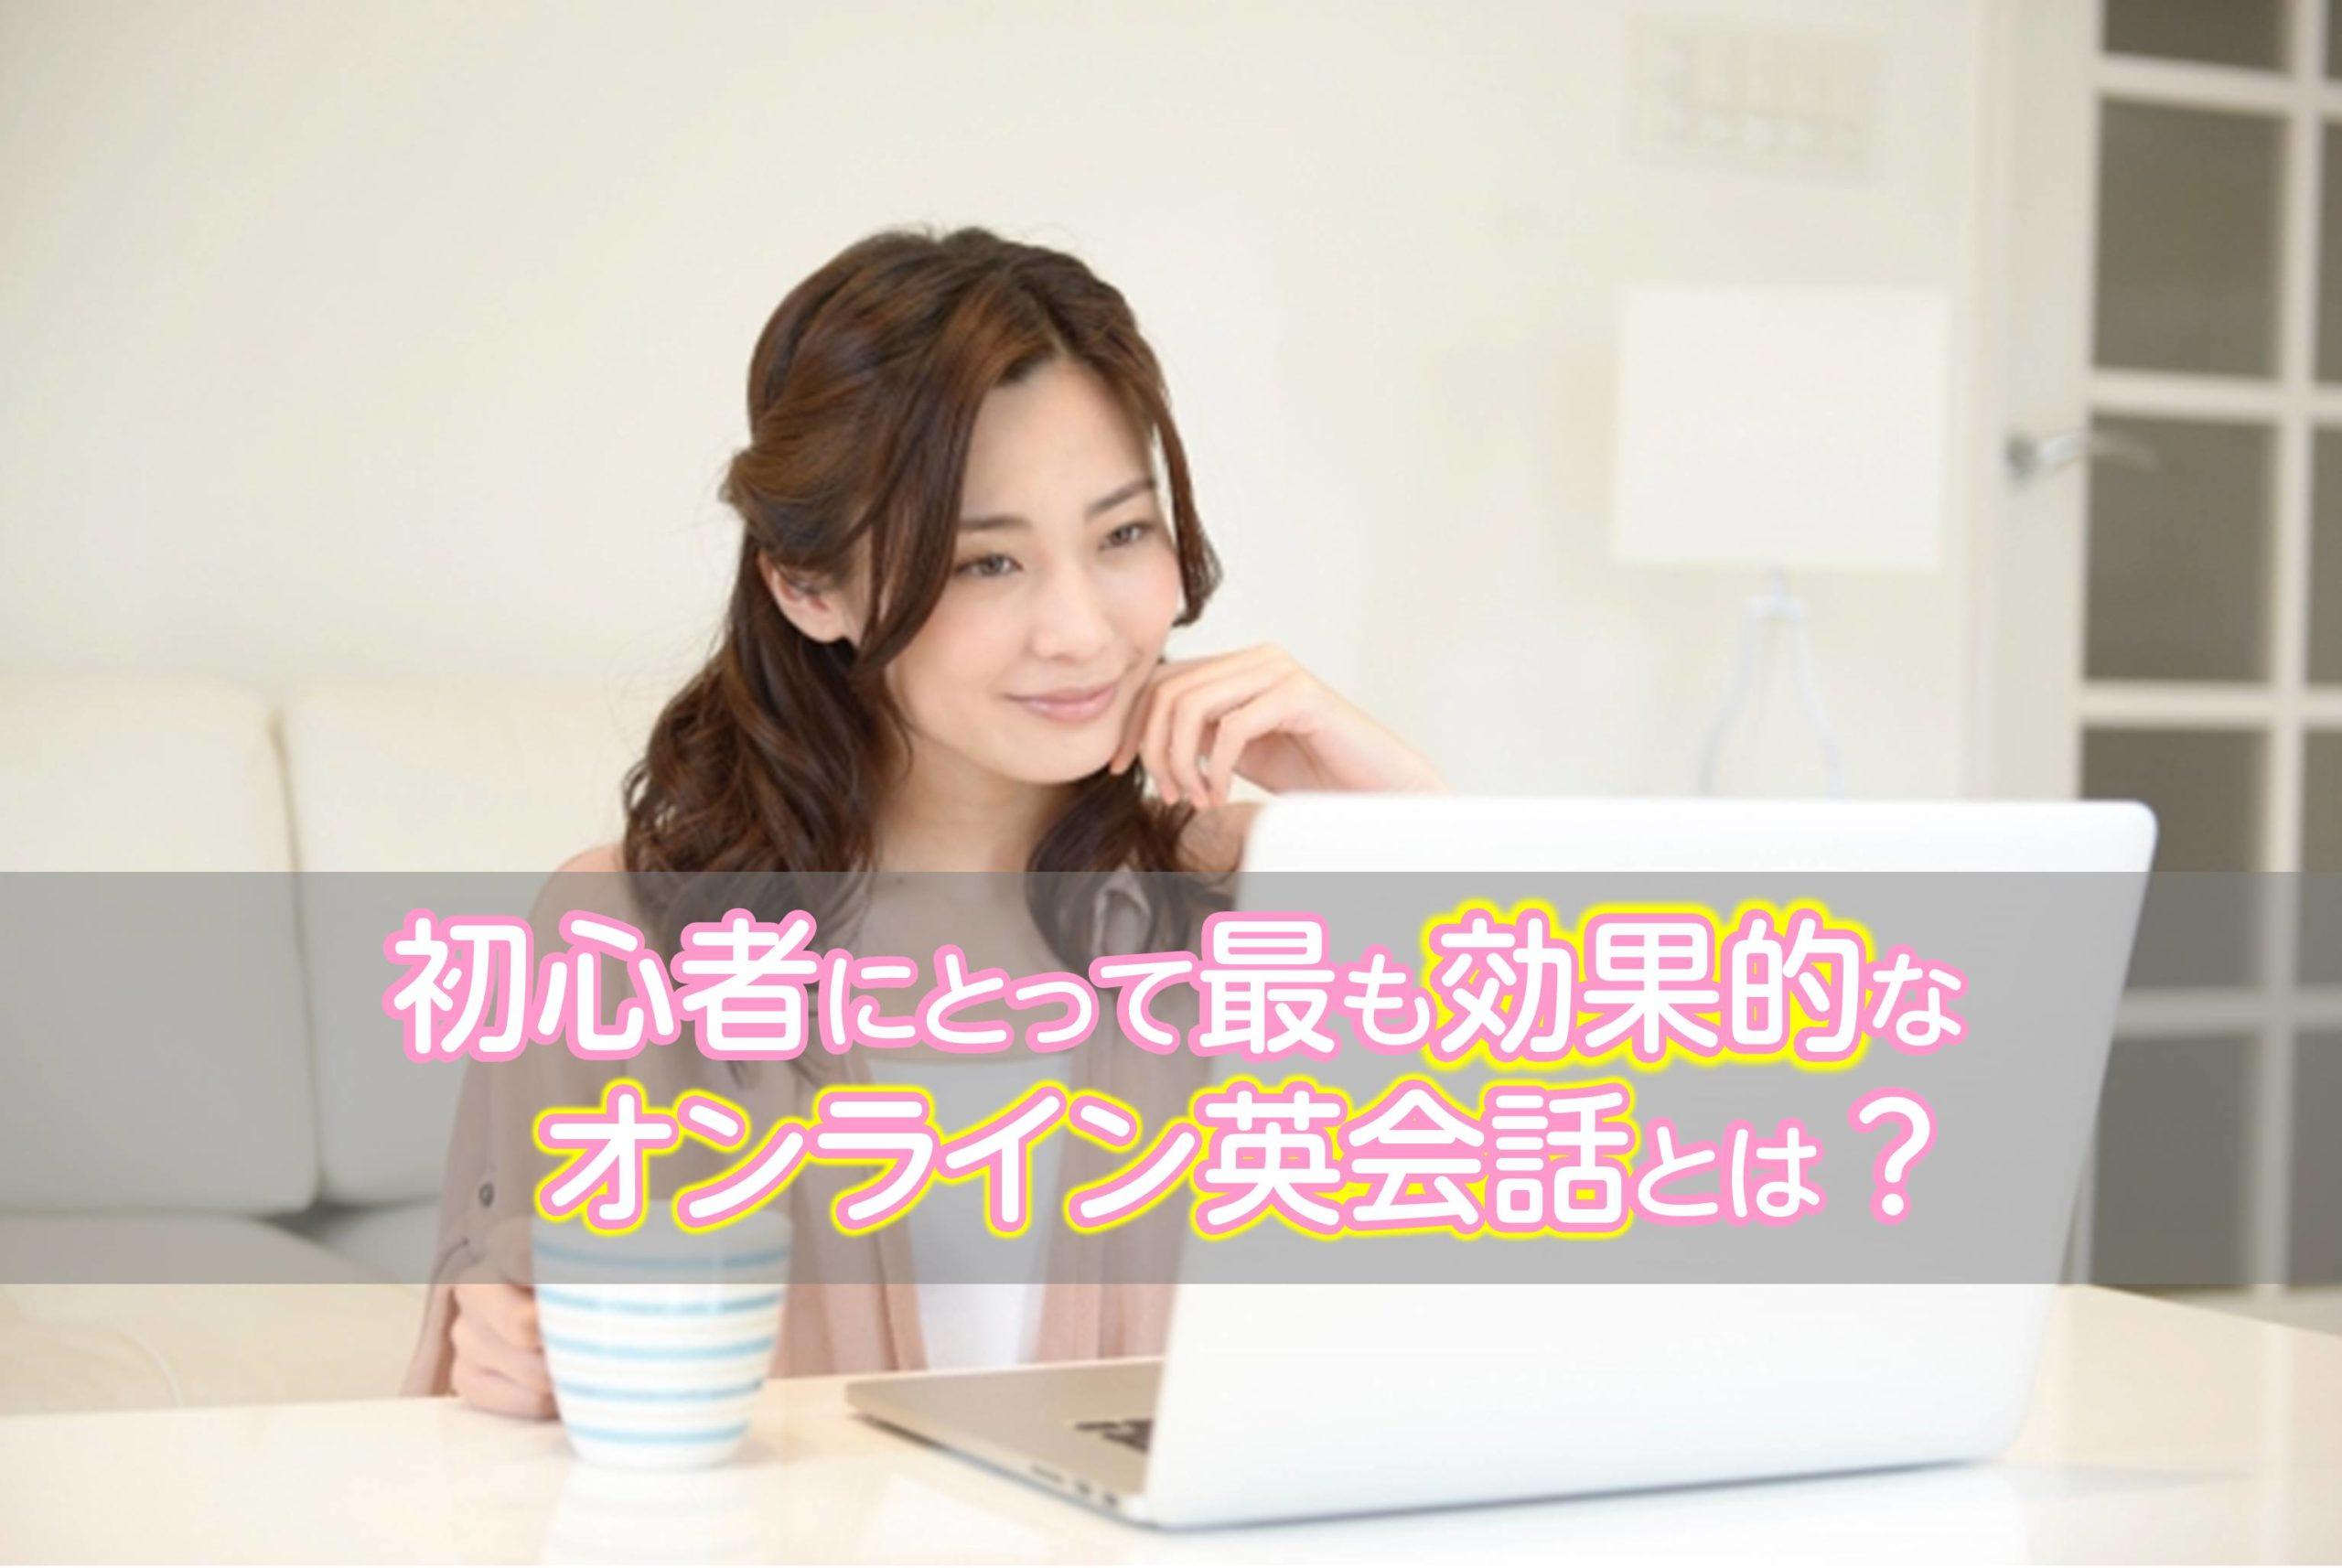 【オンライン英会話】超初心者向け!最も効果的なオンライン勉強法とは?